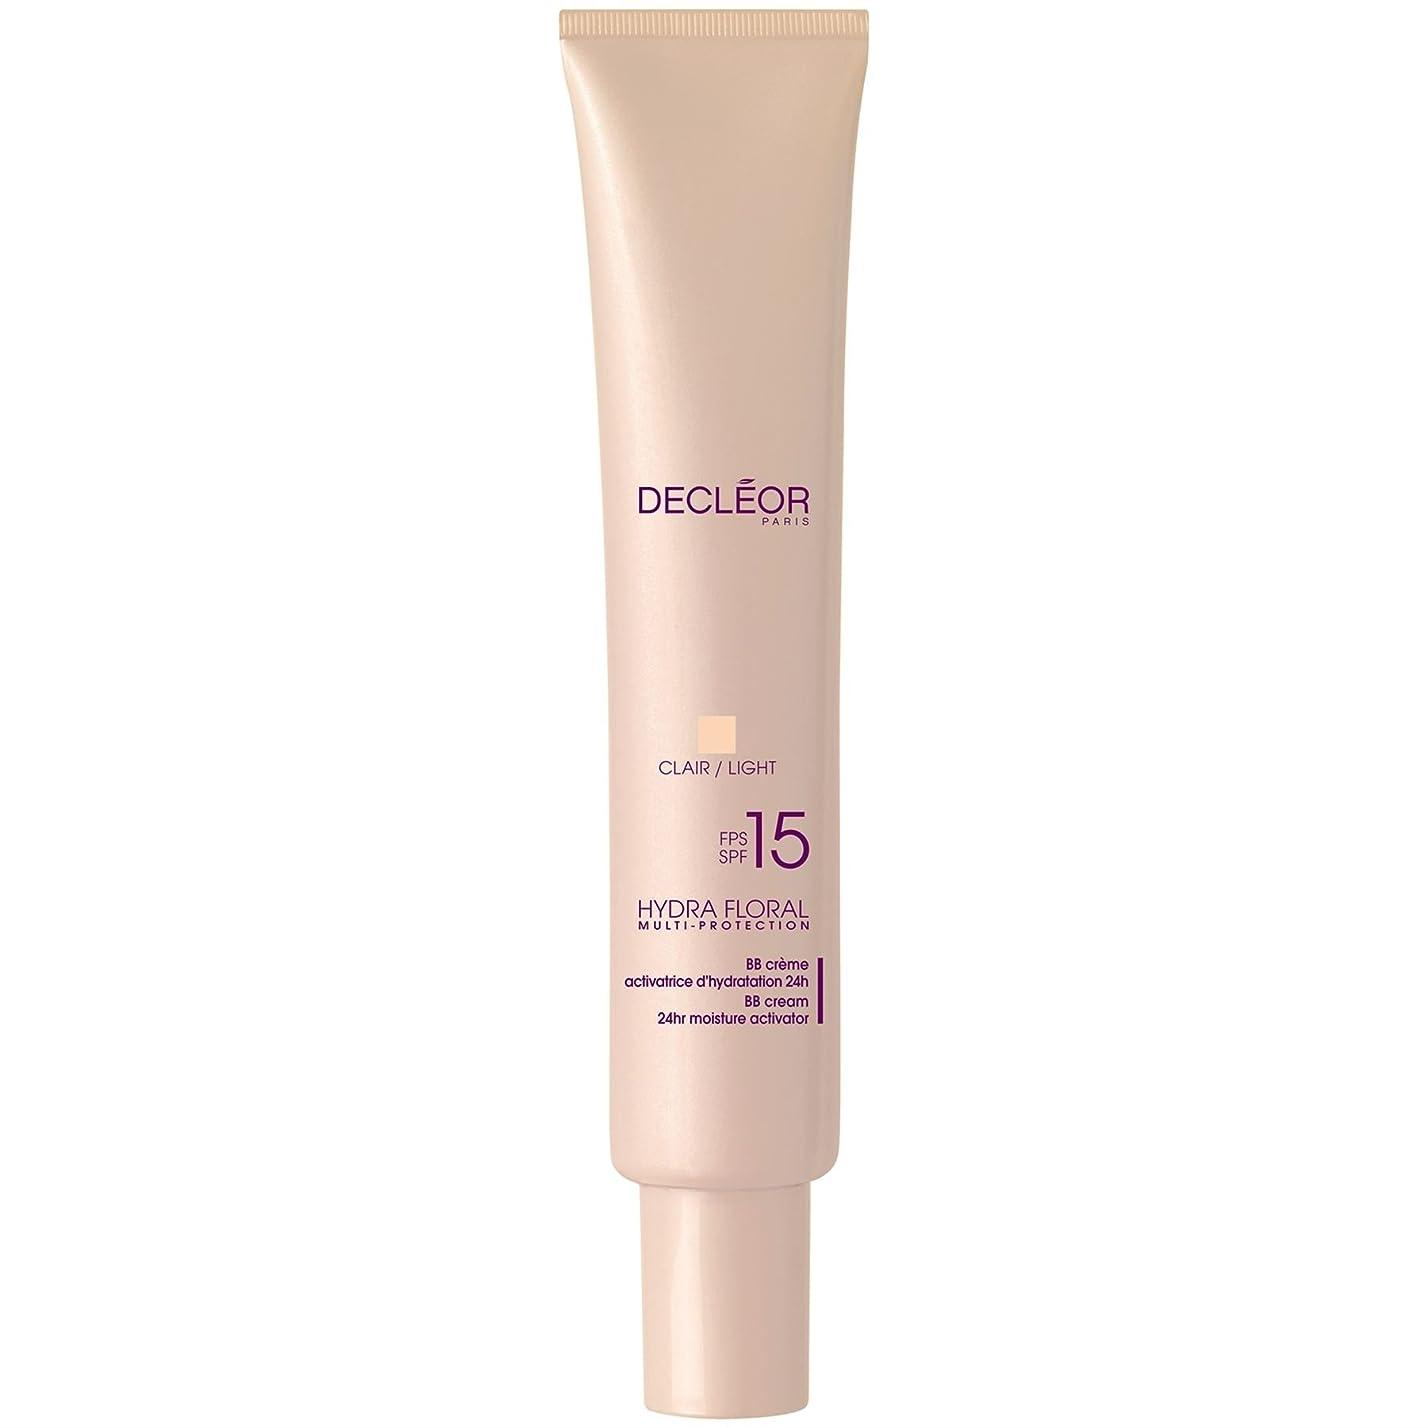 逸話治療はがき[Decl?or ] デクレオールBbクリームスキンパーフェクの40Mlの光 - Decl?or BB Cream Skin Perfector 40ml Light [並行輸入品]